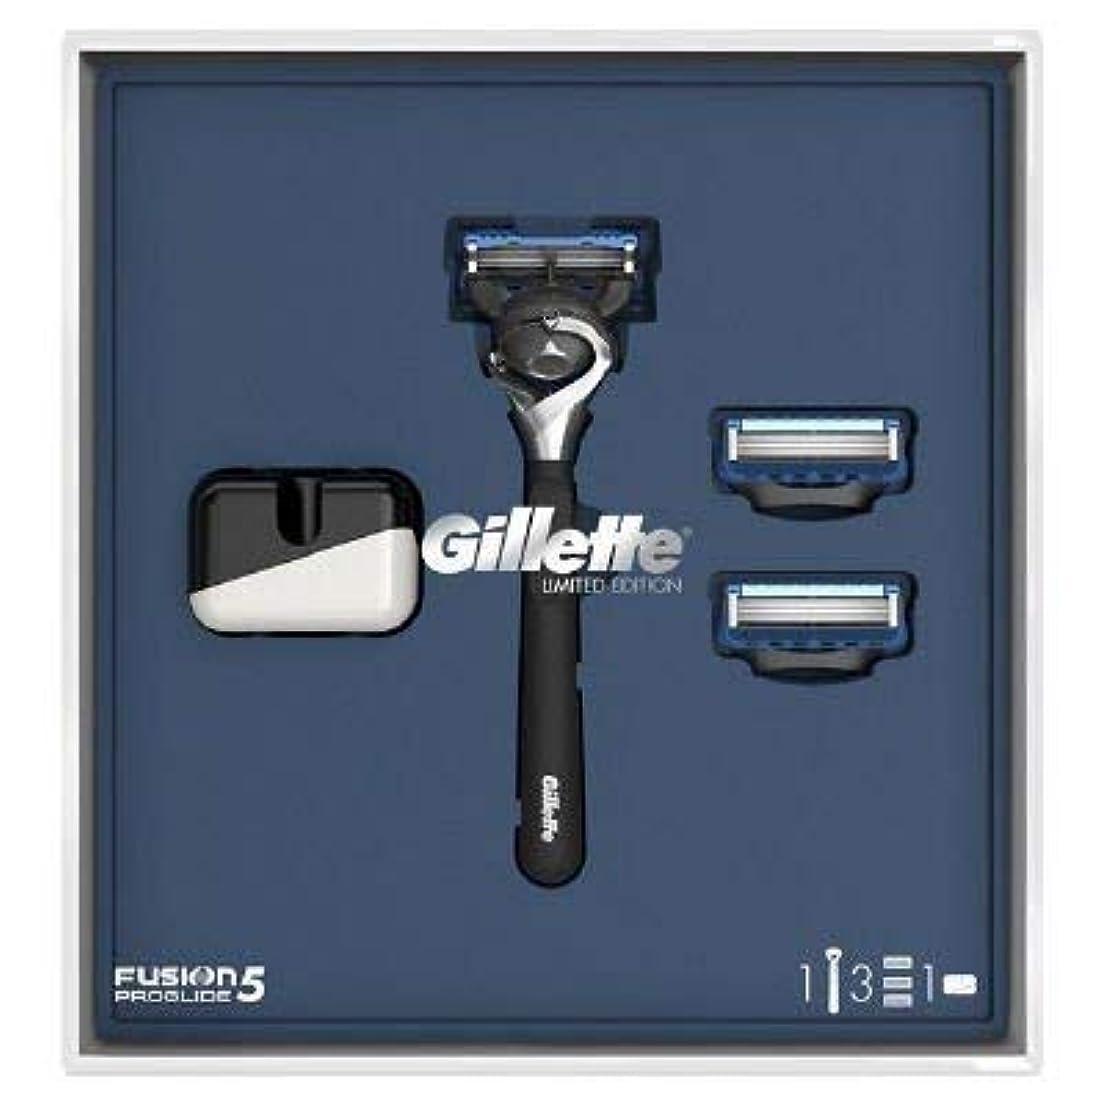 偽善者ナラーバー信頼(ジレット)Gilette プログライド 髭剃り本体+替刃3個 オリジナルスタンド付き スペシャルパッケージ P&G